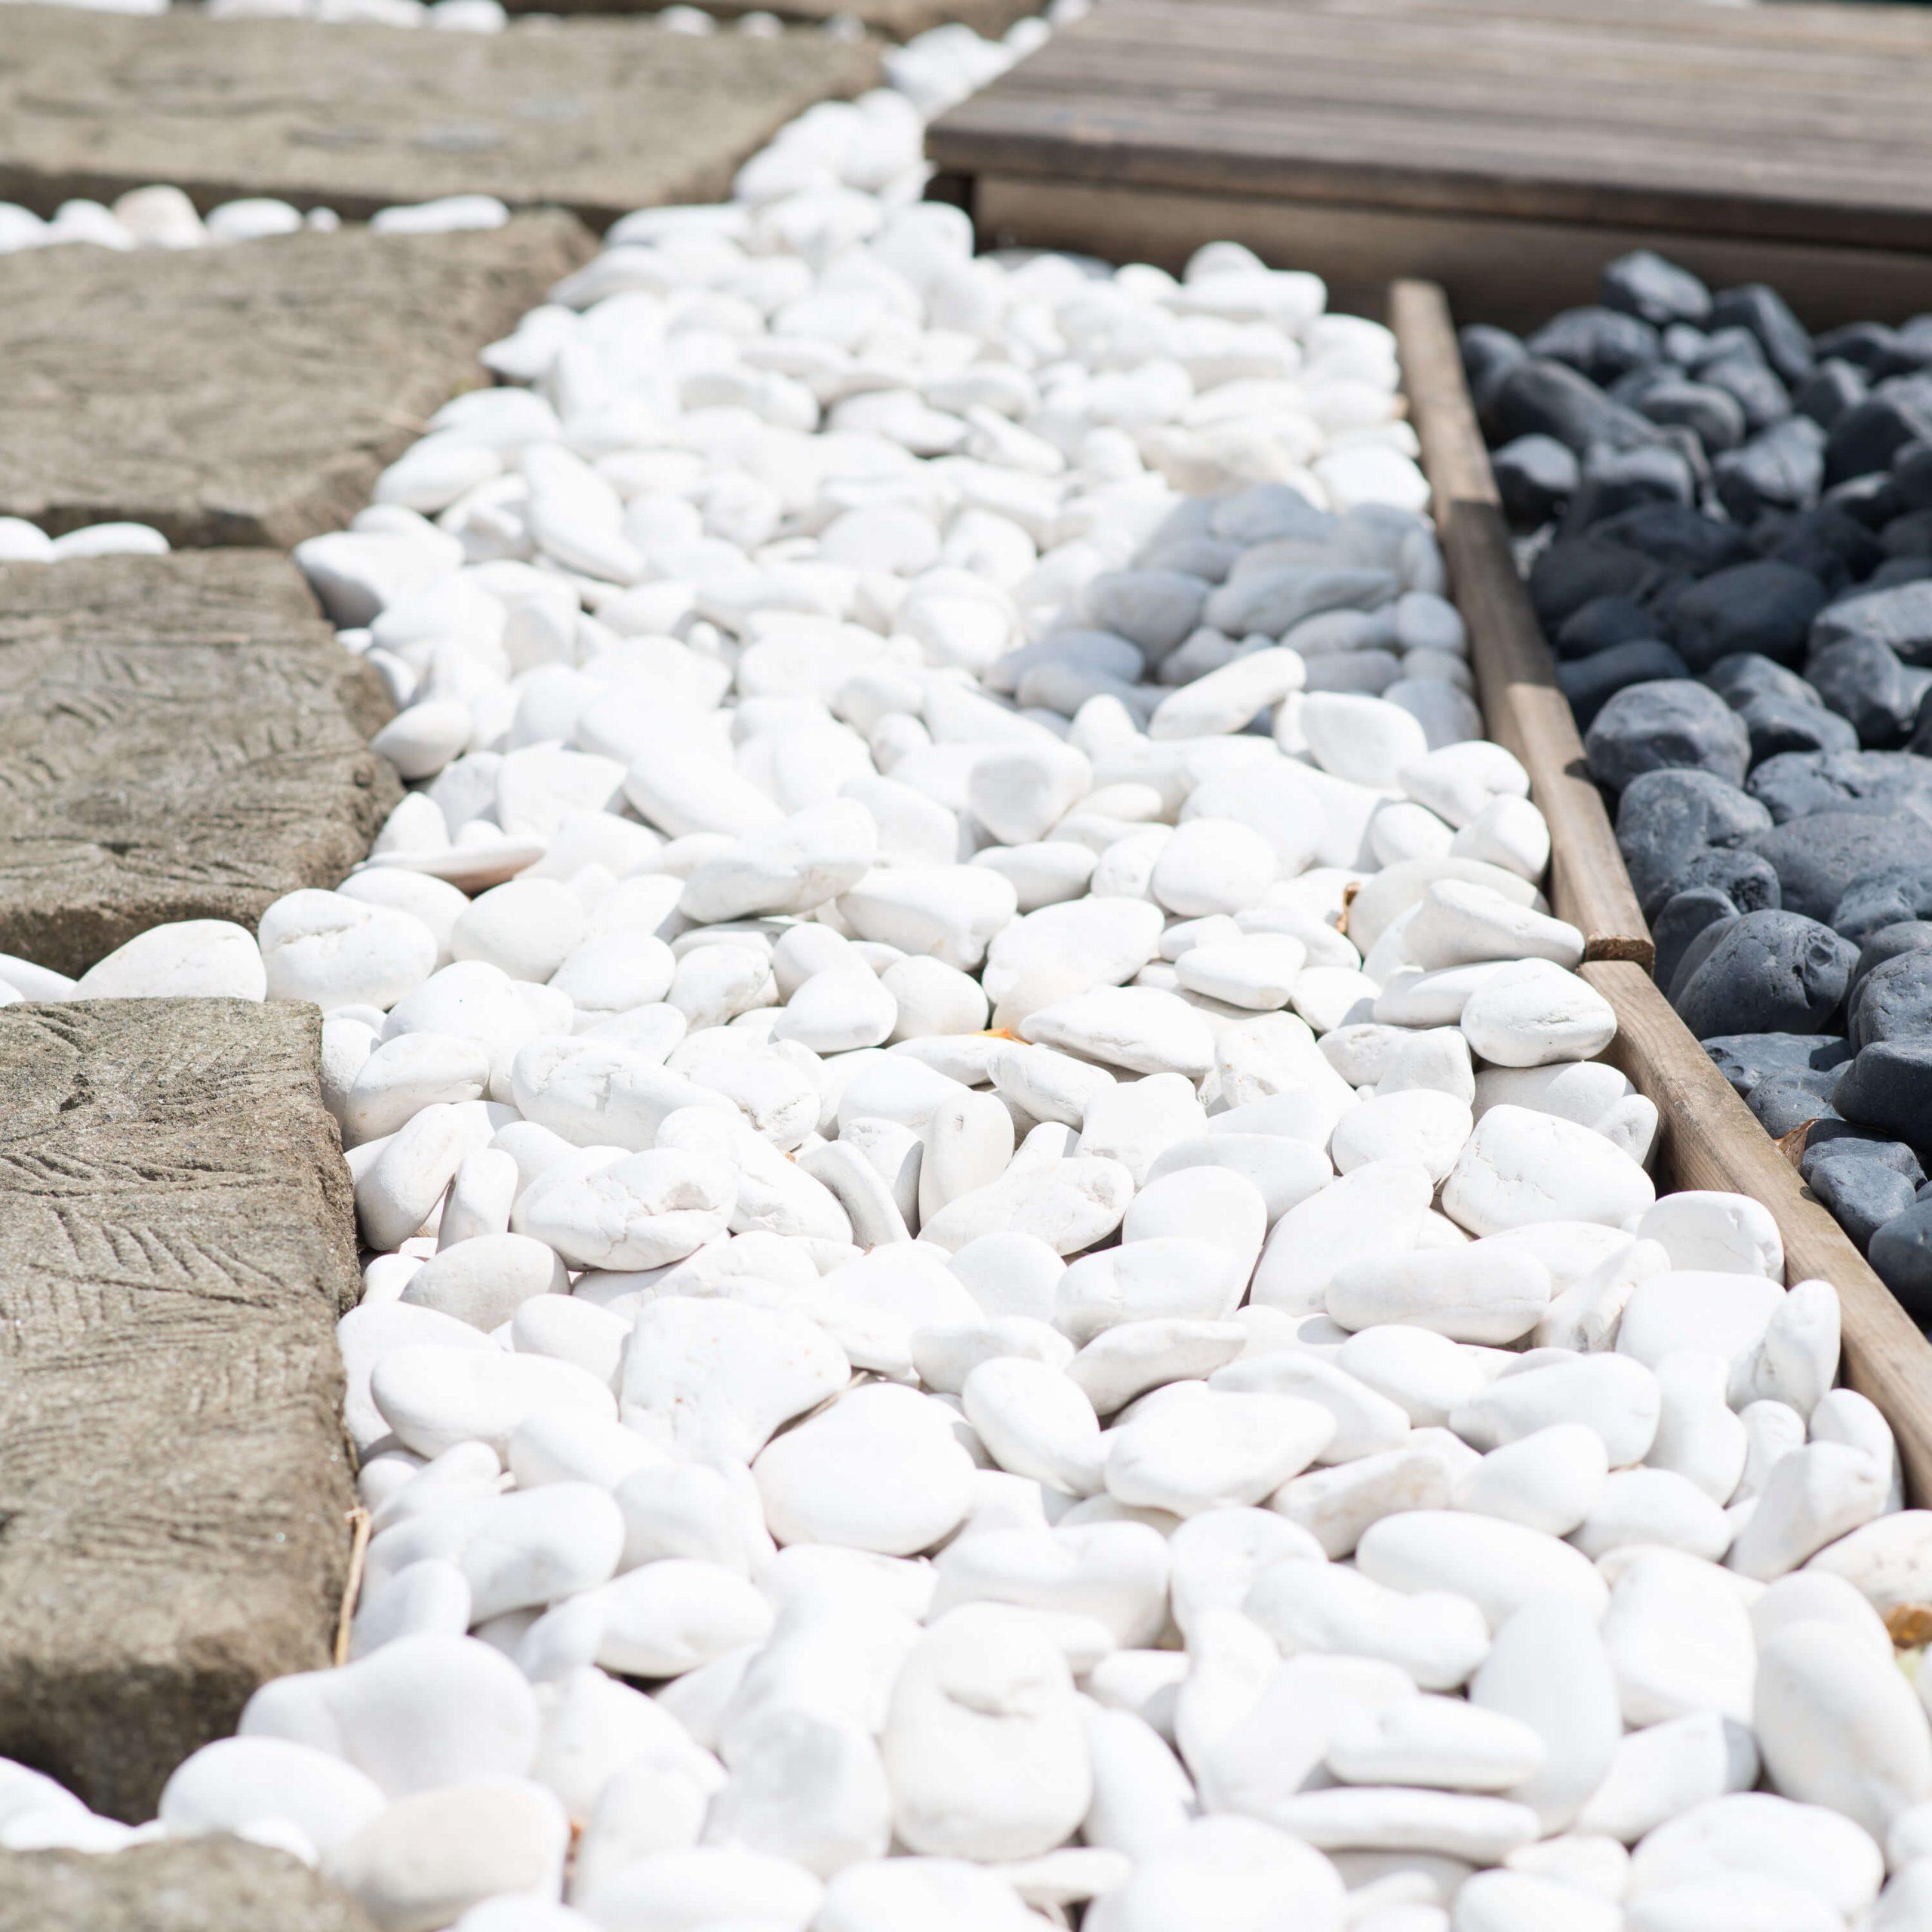 5 Sacs De Galet Blanc De 10Kg à Galets Blancs Pour Jardin